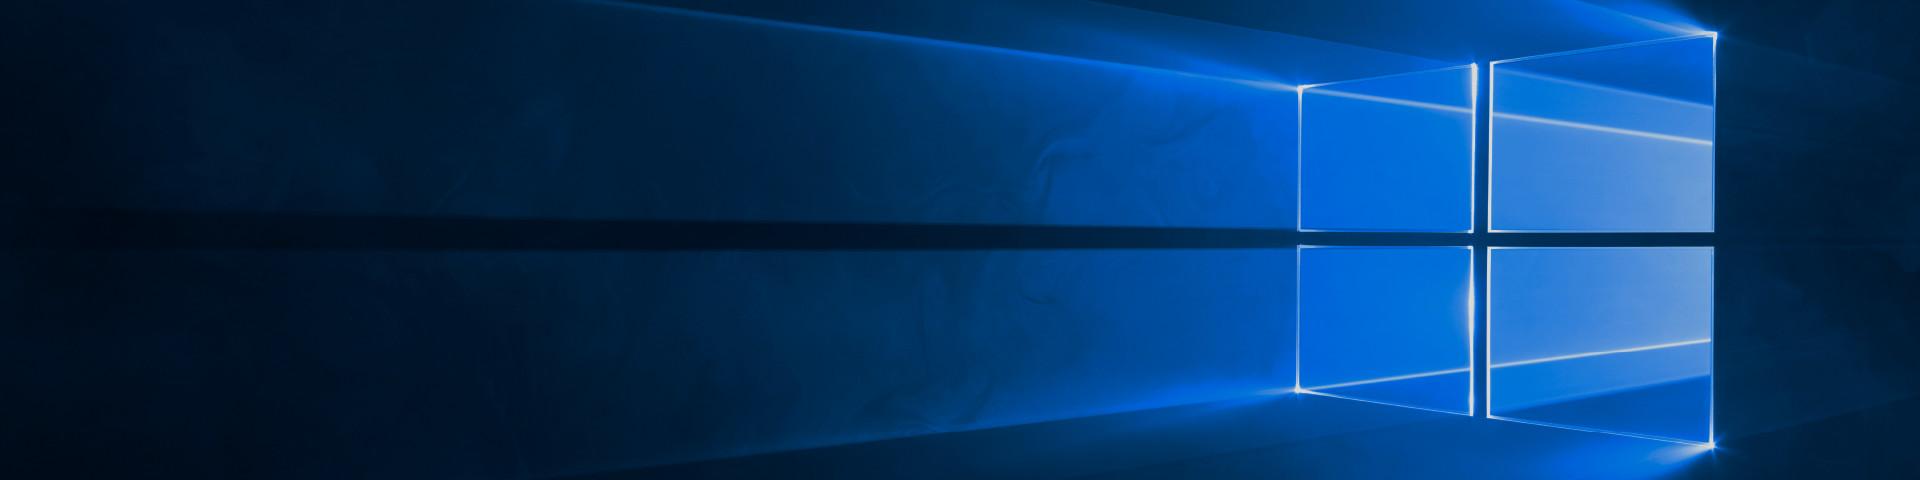 Licht, das durch ein Fenster fällt, Windows 10 kaufen und herunterladen